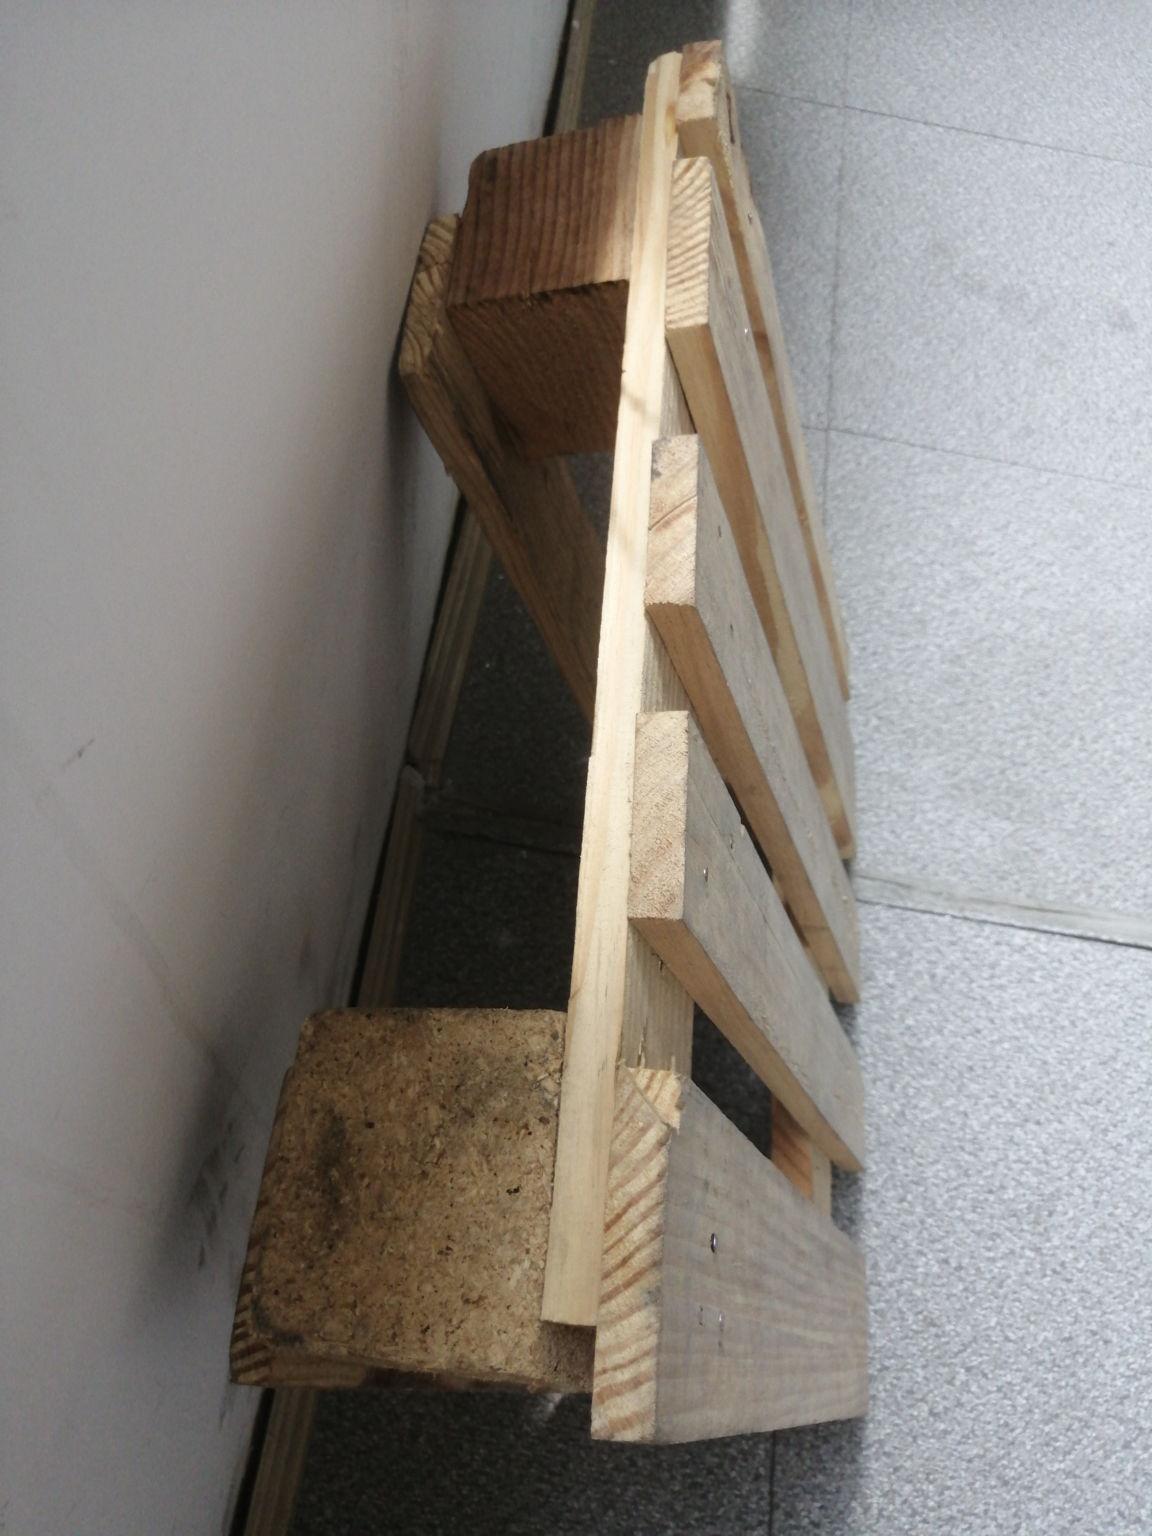 杭州�,㊮⇘╤┠�质旧木托盘价�,♦㊉㍟㊘≘